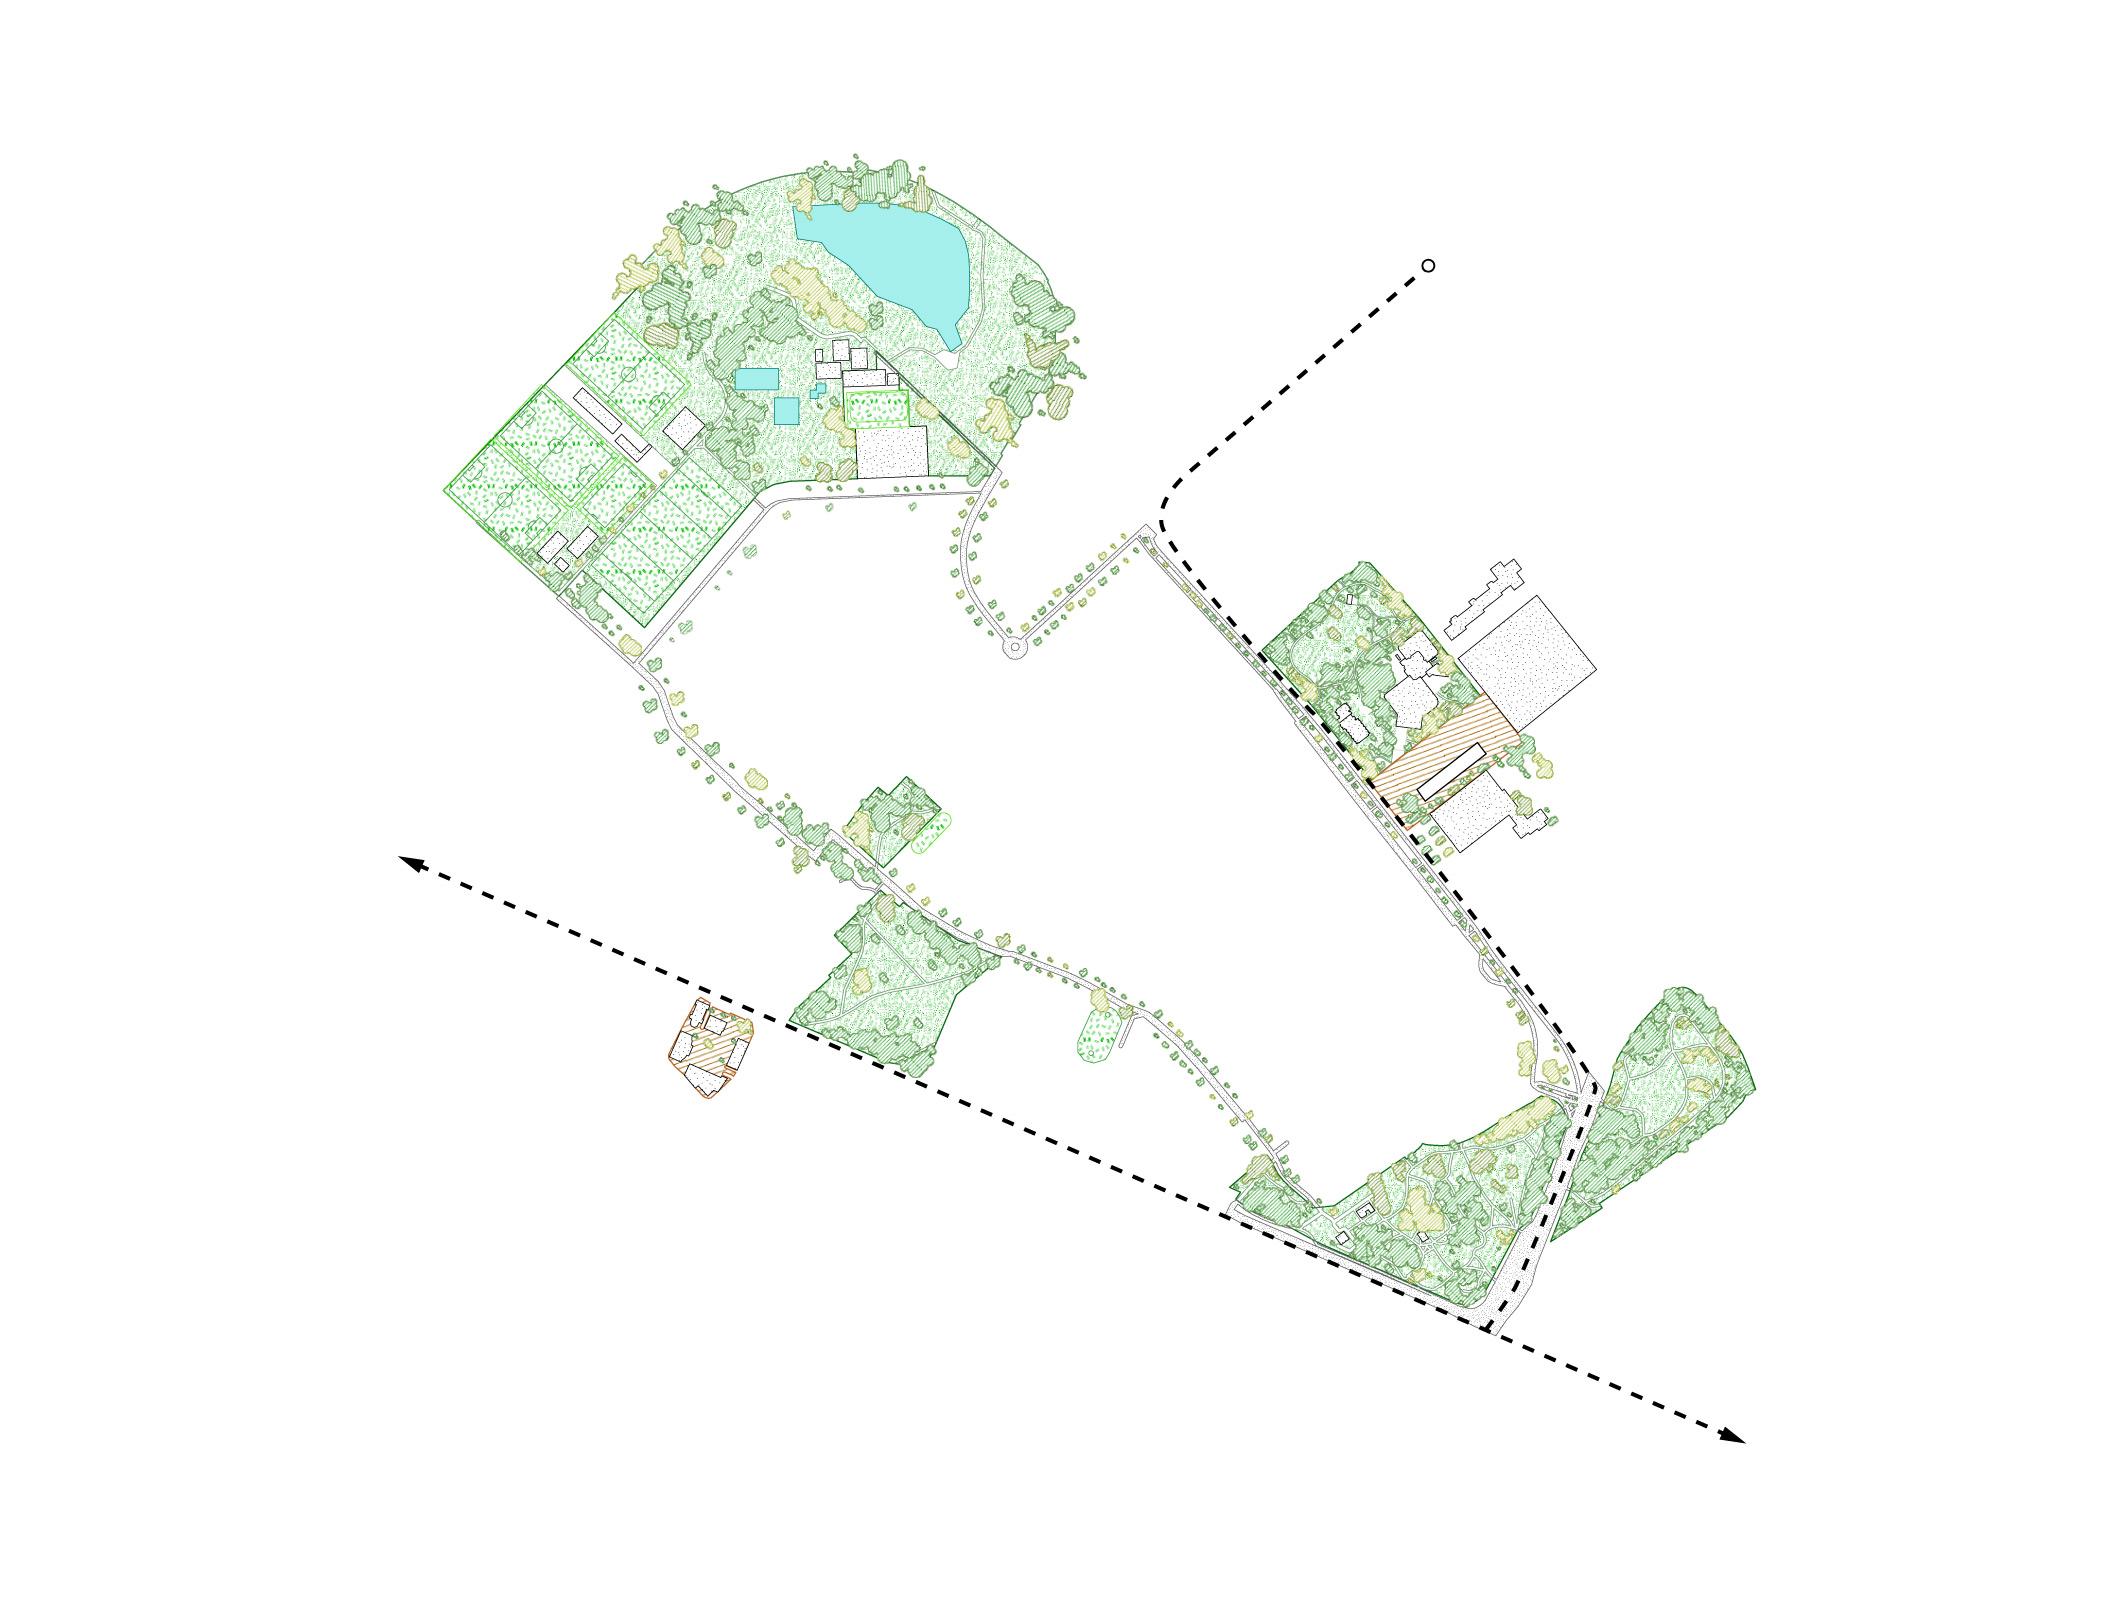 The green loop